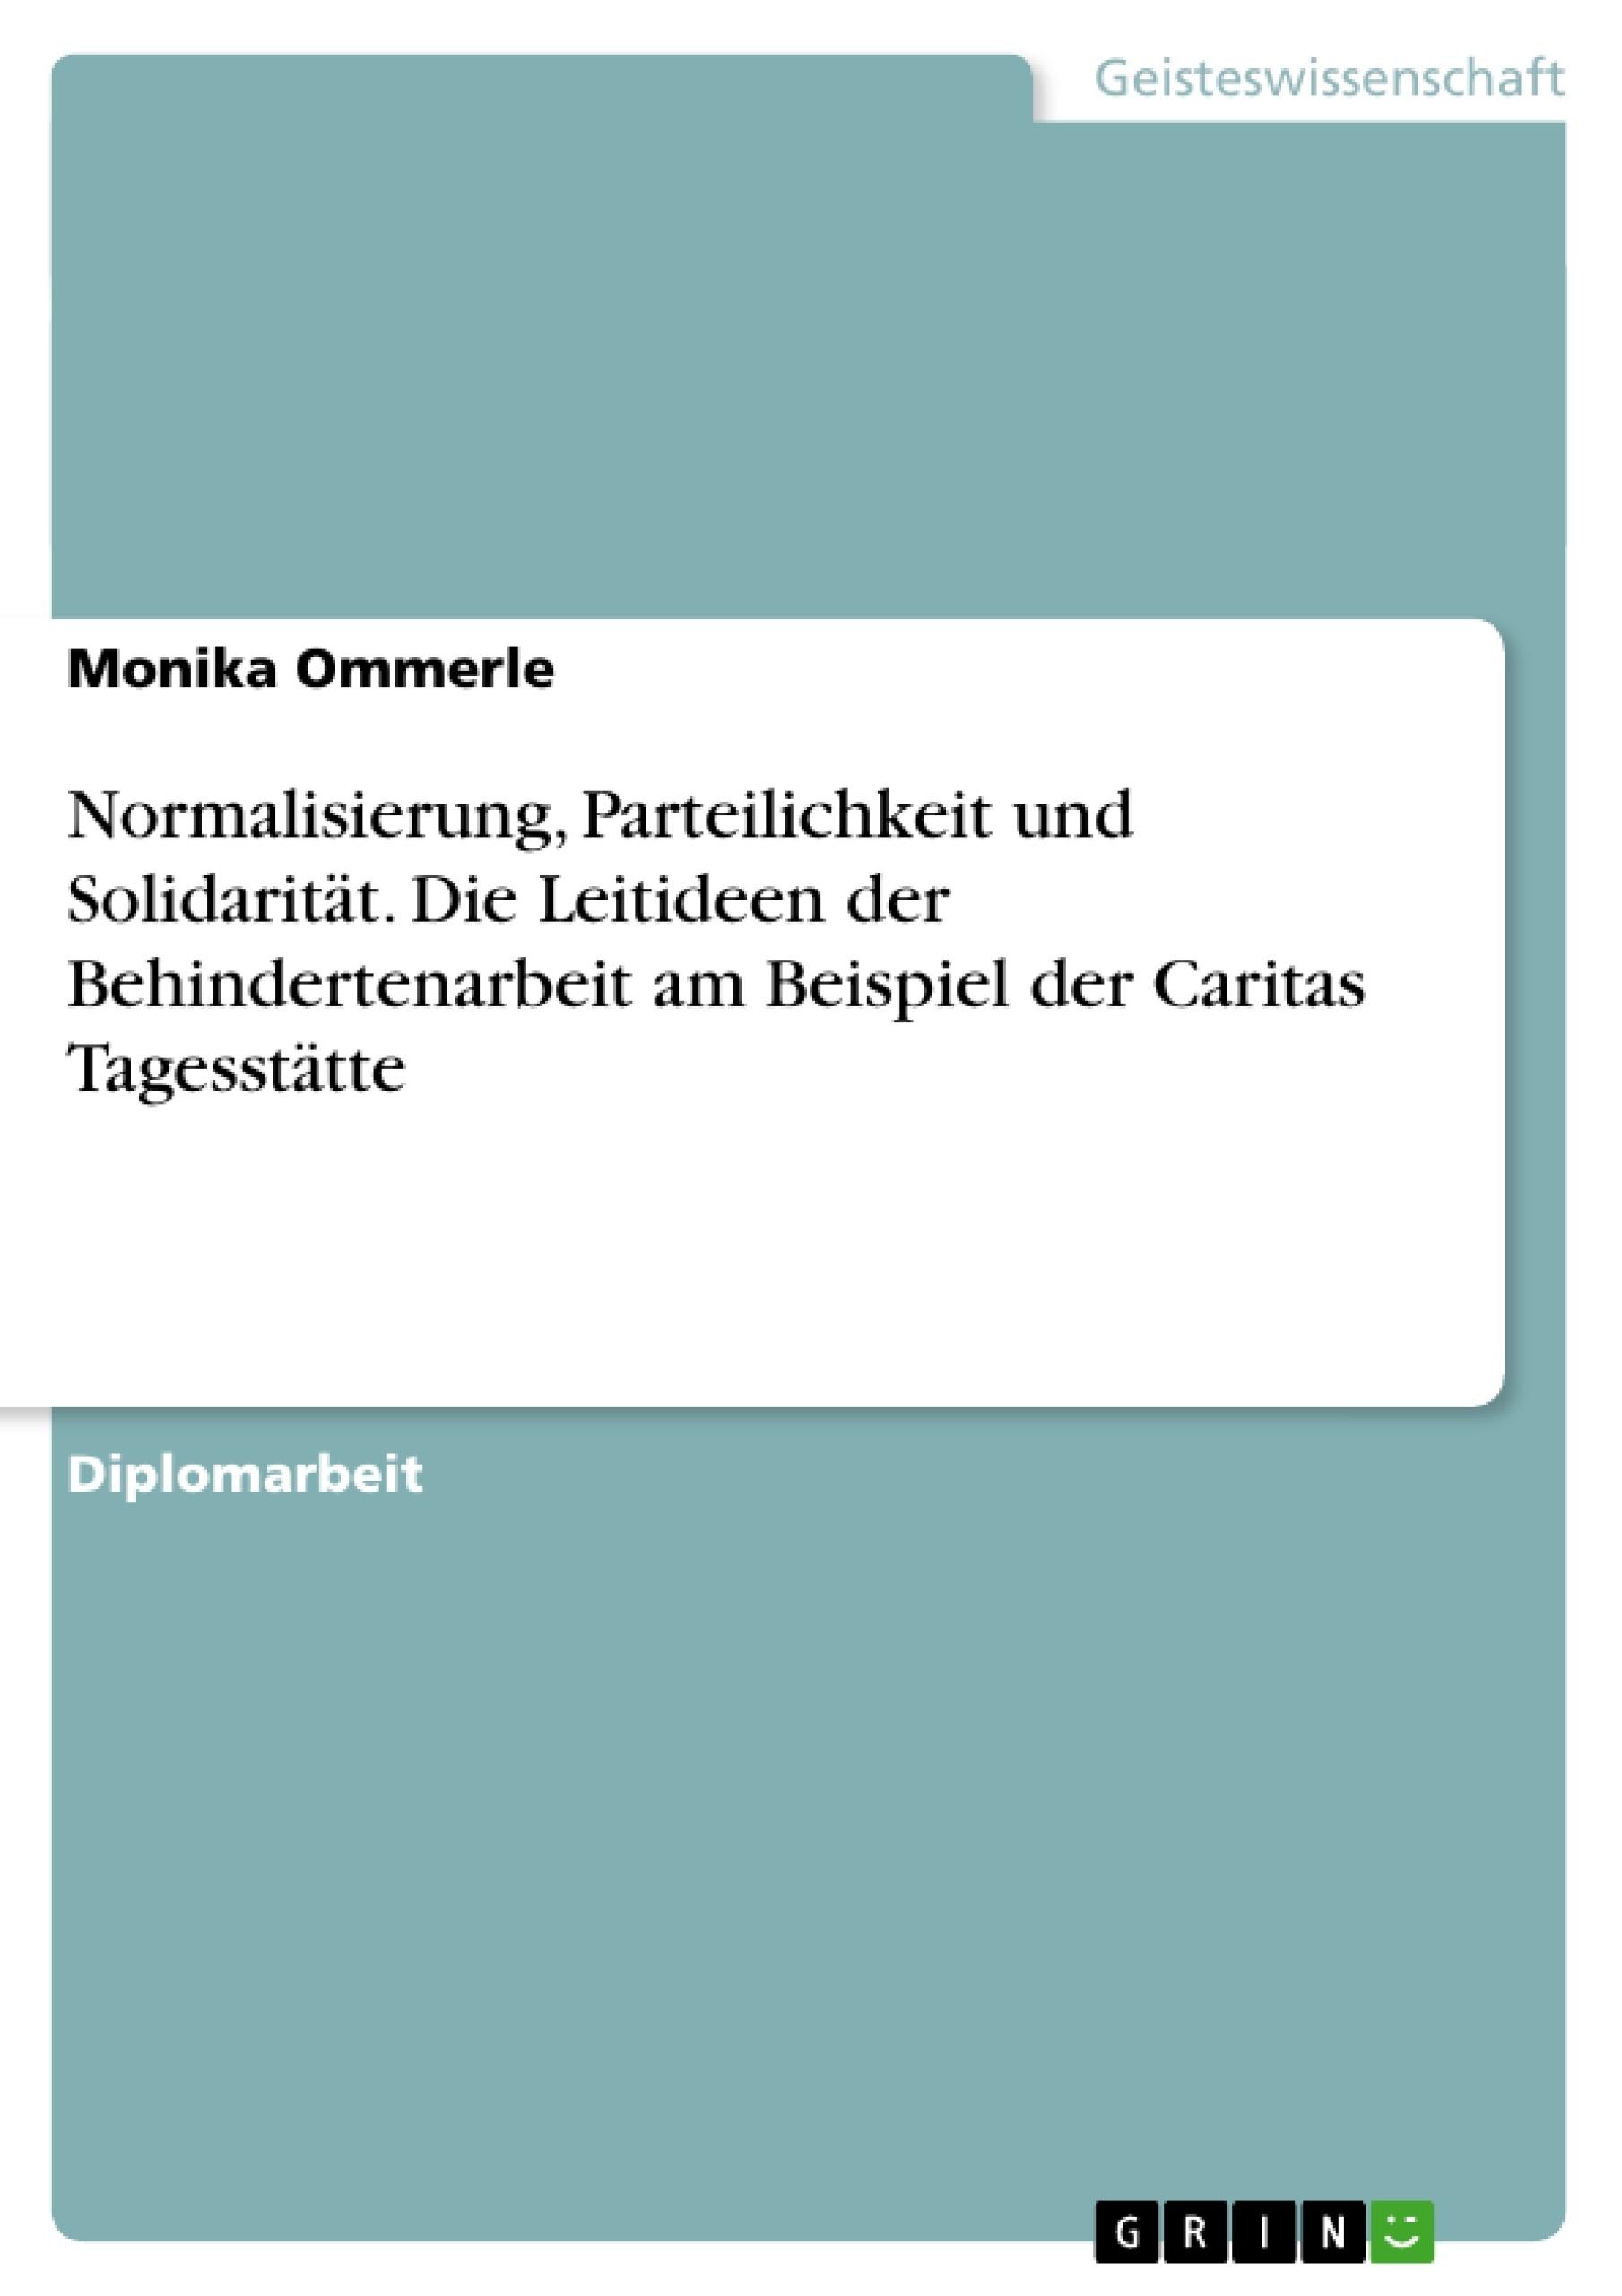 Titel: Normalisierung, Parteilichkeit und Solidarität. Die Leitideen der Behindertenarbeit am Beispiel der Caritas Tagesstätte